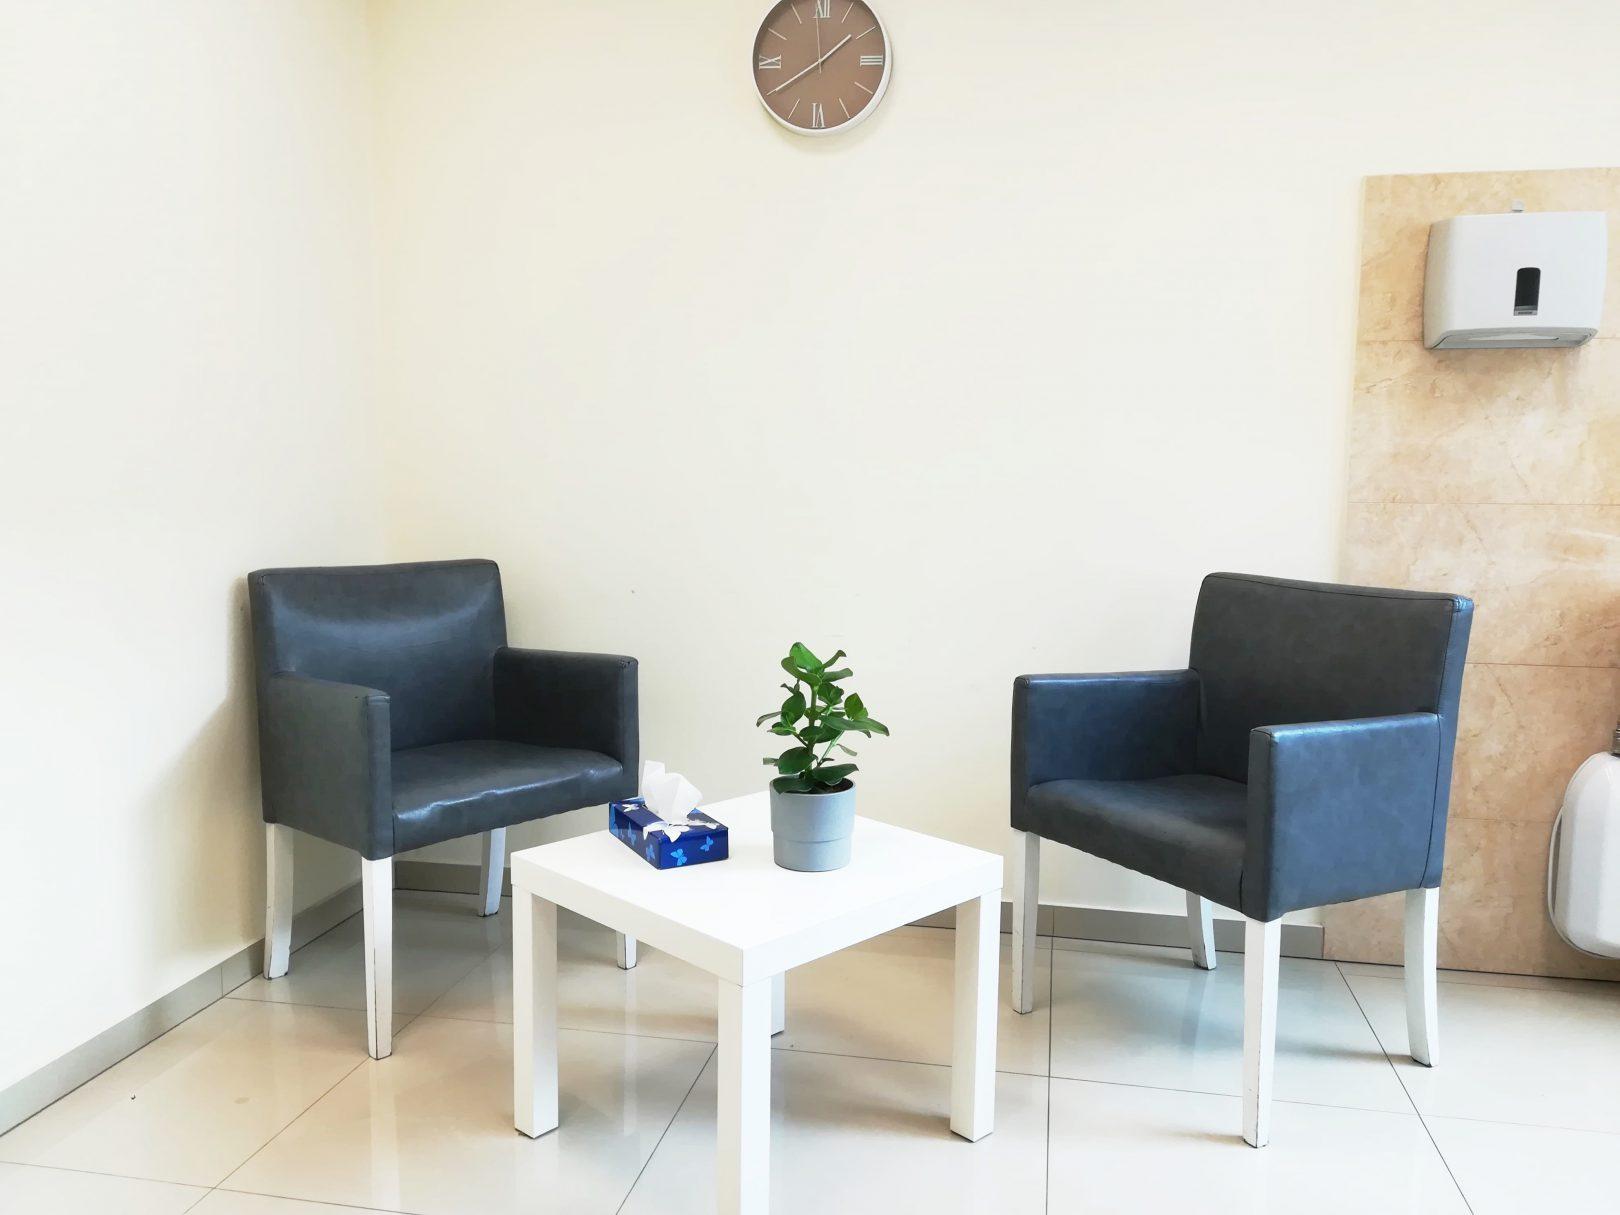 psychoterapia gliwice, psychoterapeuta katowice, dobry psychoterapeuta w gliwicach, gabinet psychoterapeutyczny katowice